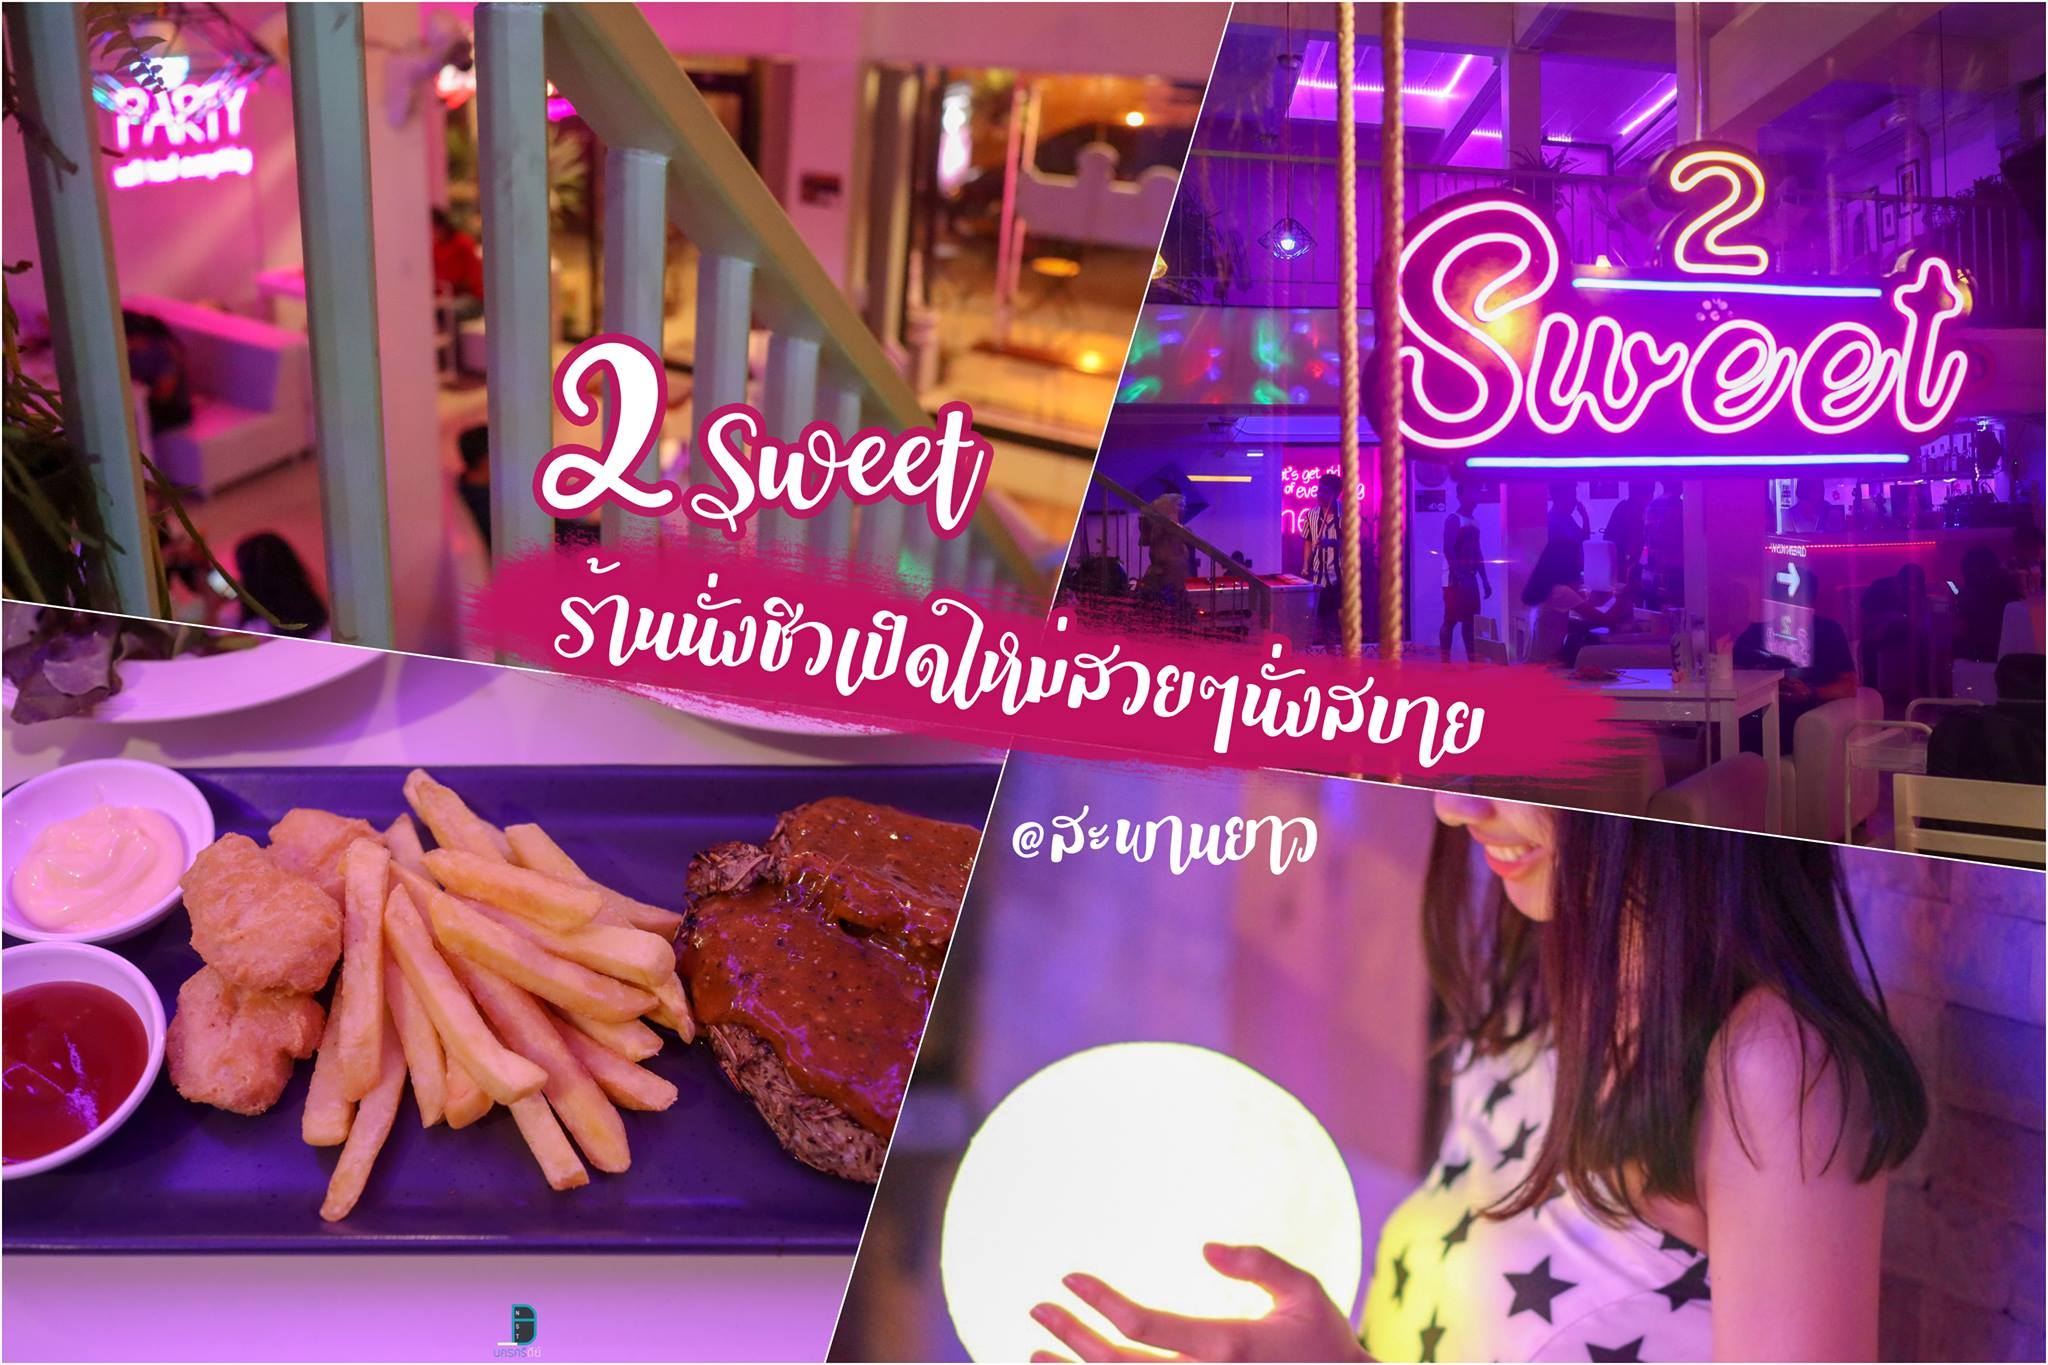 2 sweet Cafe ร้านนั่งชิวเปิดใหม่สวยๆ ห้องแอร์สบาย พร้อมจุดถ่ายรูปเด็ดๆเยอะมากก at สะพานยาว